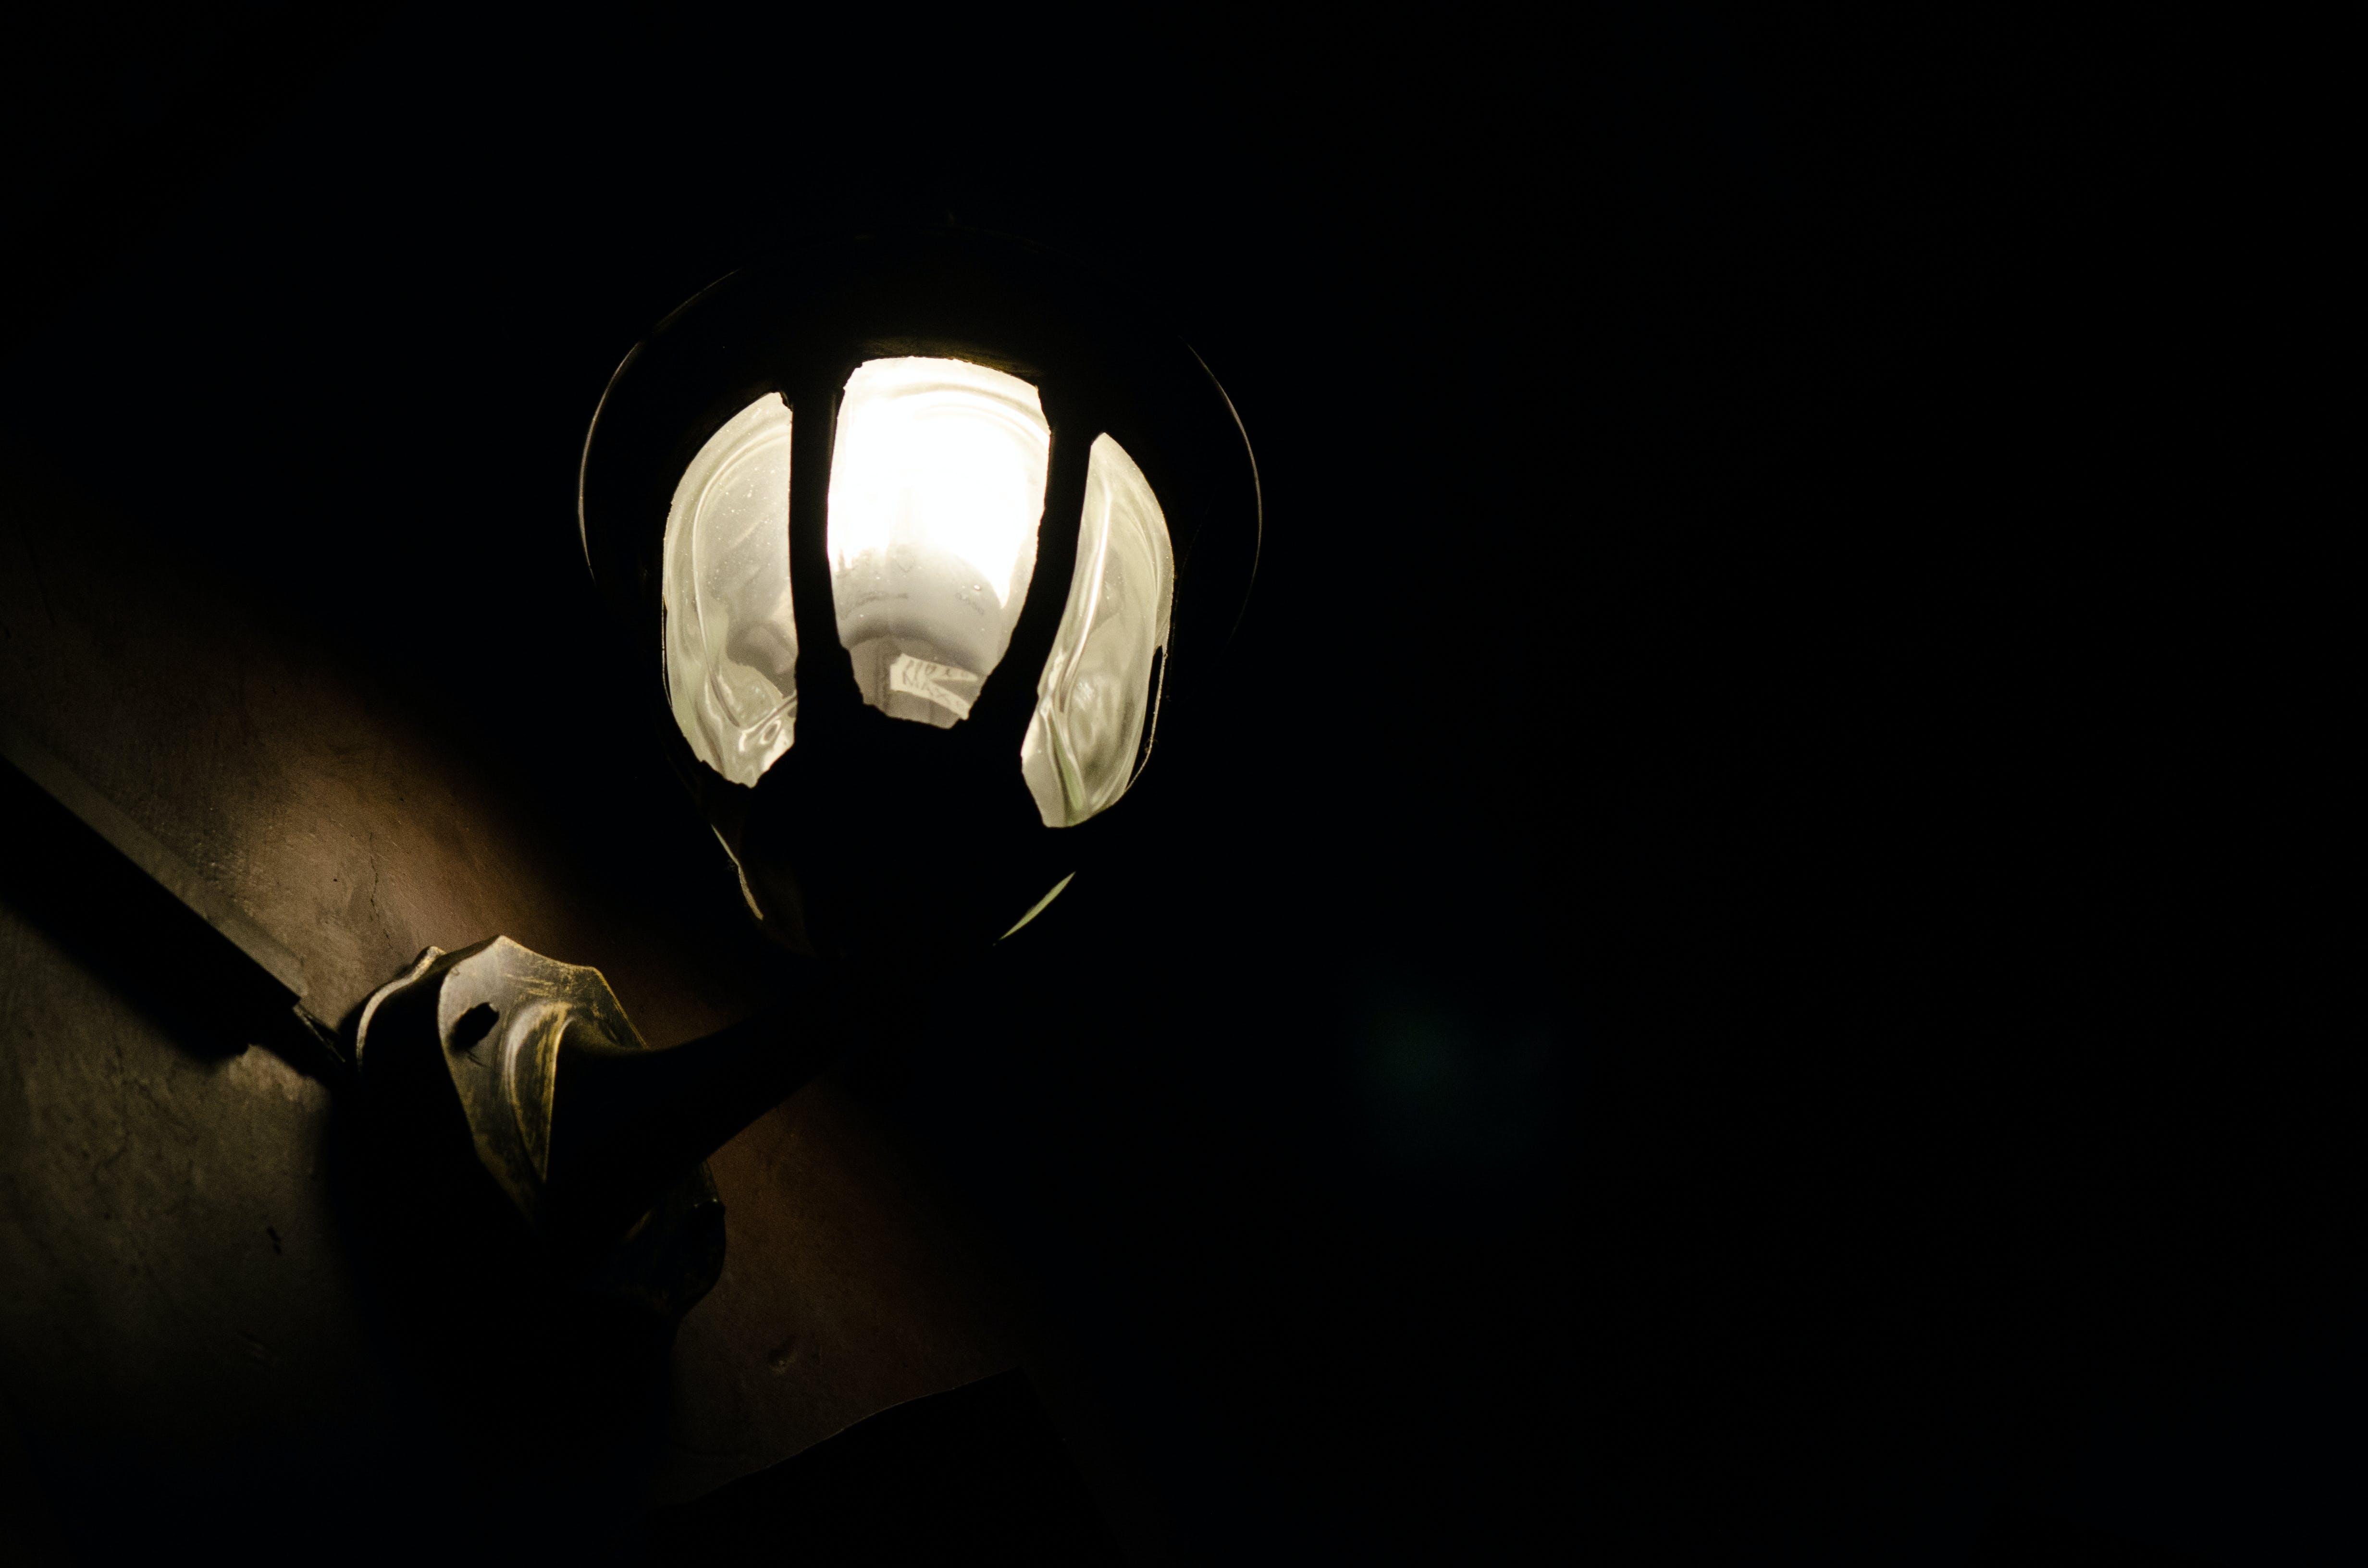 Free stock photo of dark, darkness, hope, light